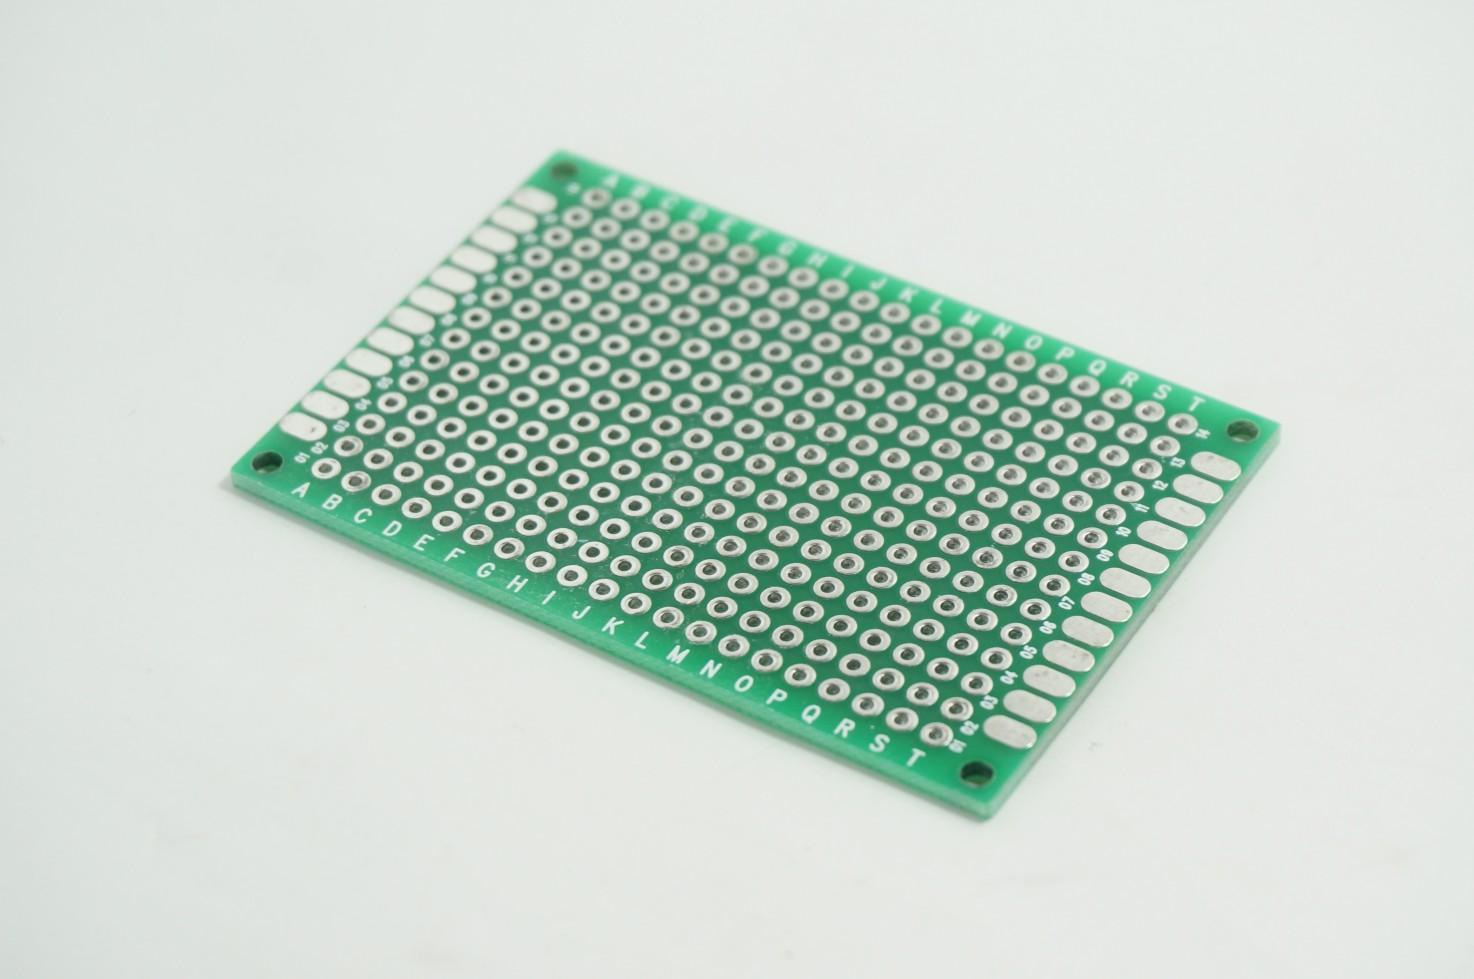 แผ่น PCB อเนกประสงค์ สองหน้า 4x6cm